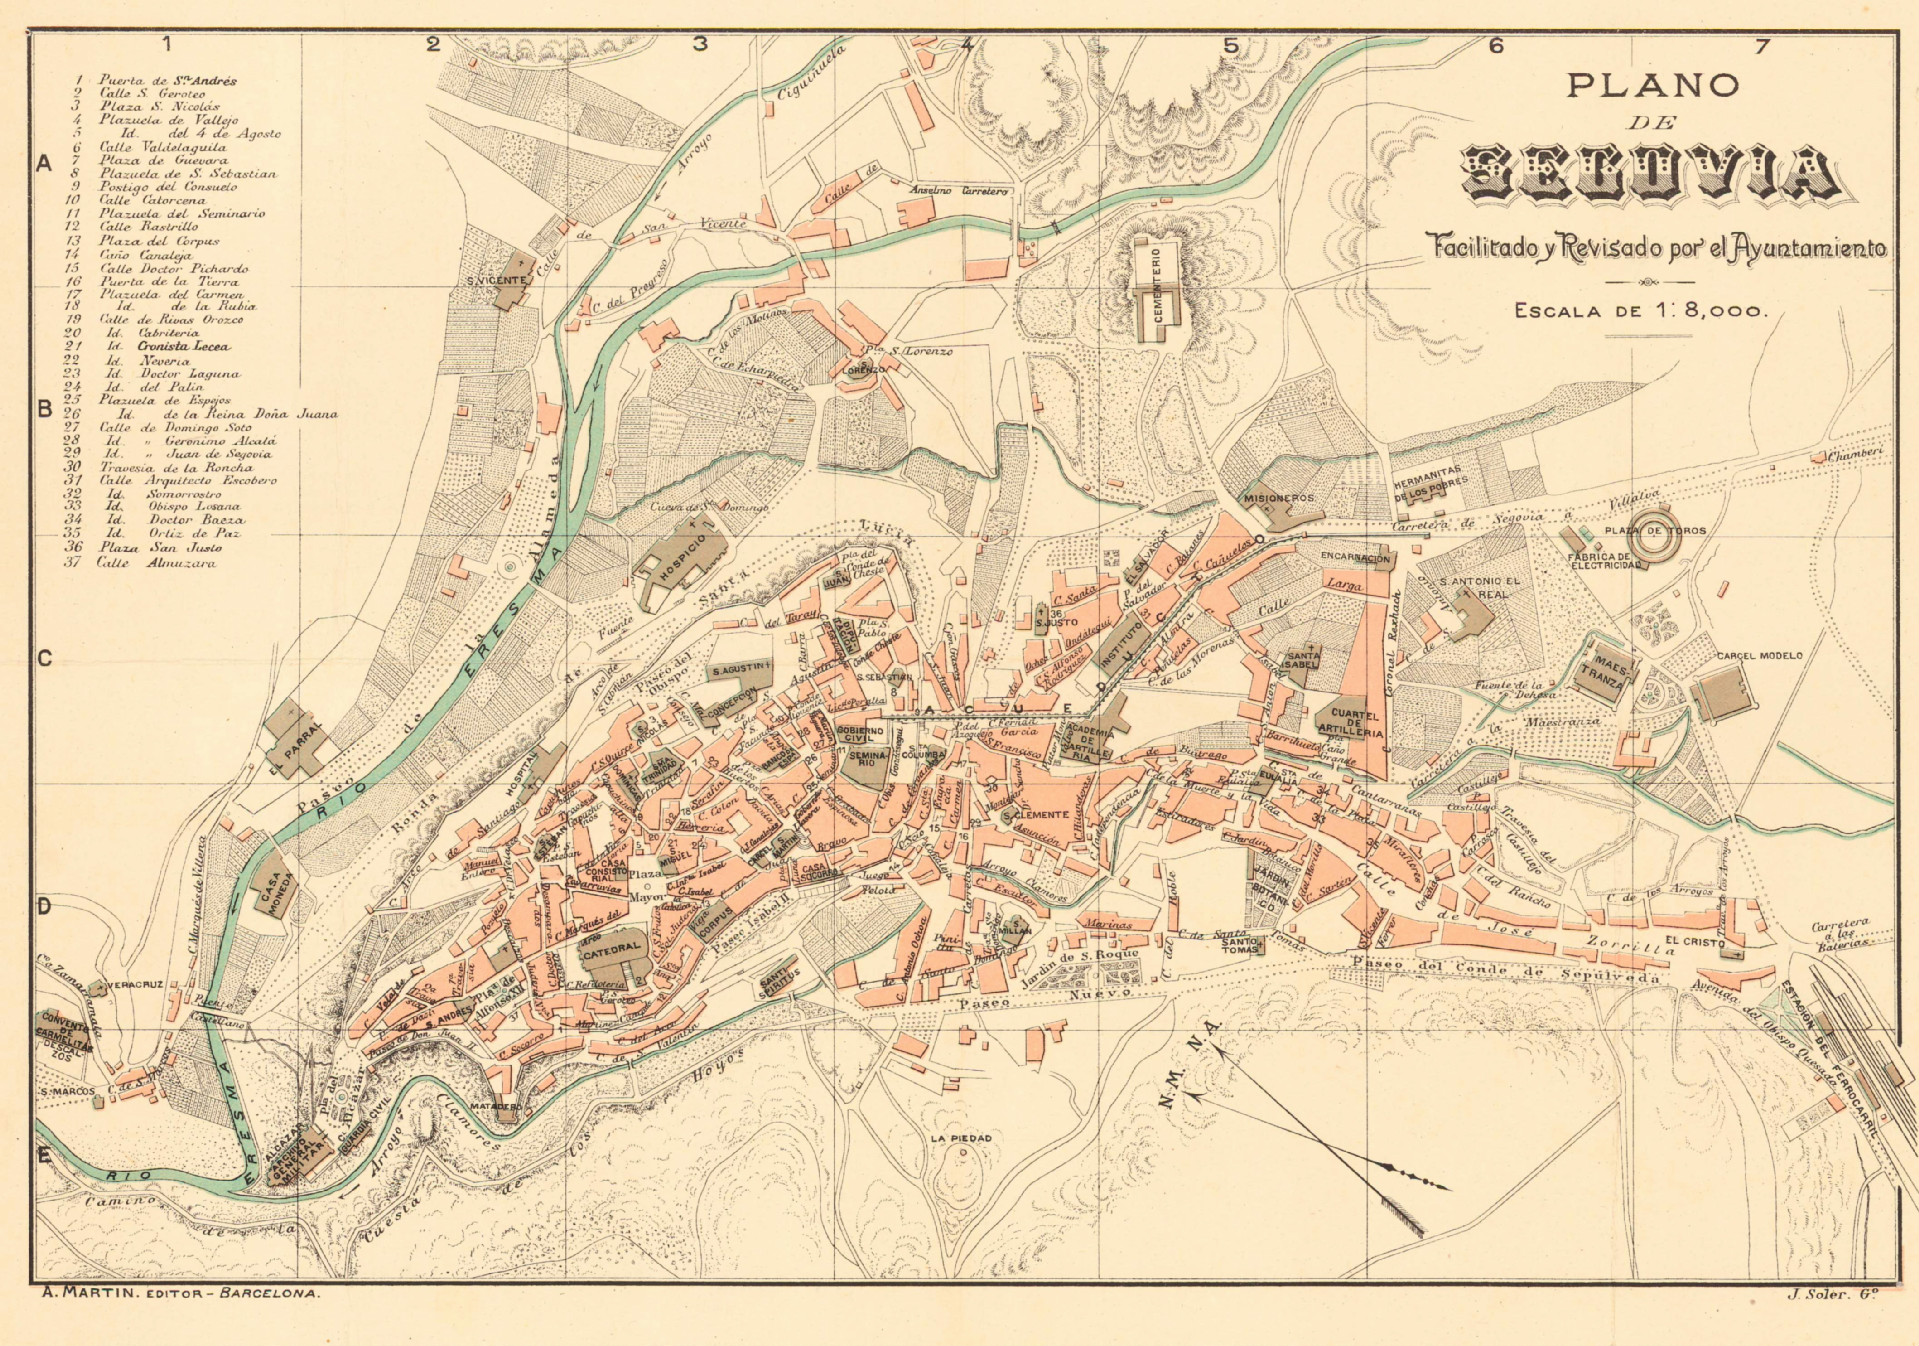 Detalle del plano de Segovia de J. Soler, 1909-1917. 7.- ARCHIVO CARTOGRÁFICO Y DE ESTUDIOS GEOGRÁFICOS DEL CENTRO GEOGRÁFICO DEL EJÉRCITO.